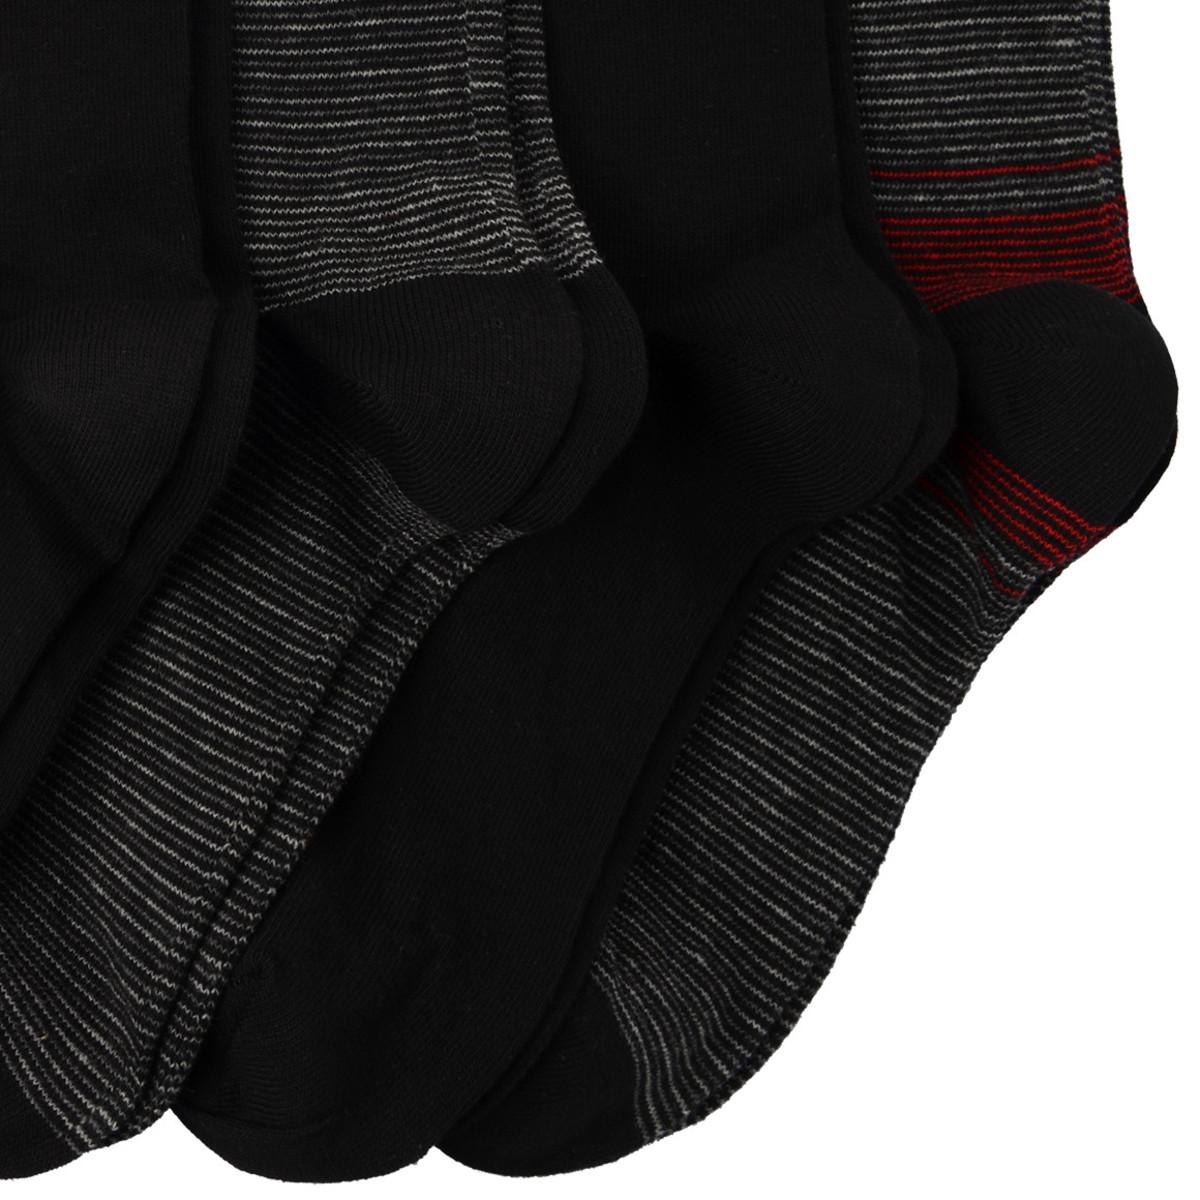 Bild 4 von 5 Paar Herren Socken im Set